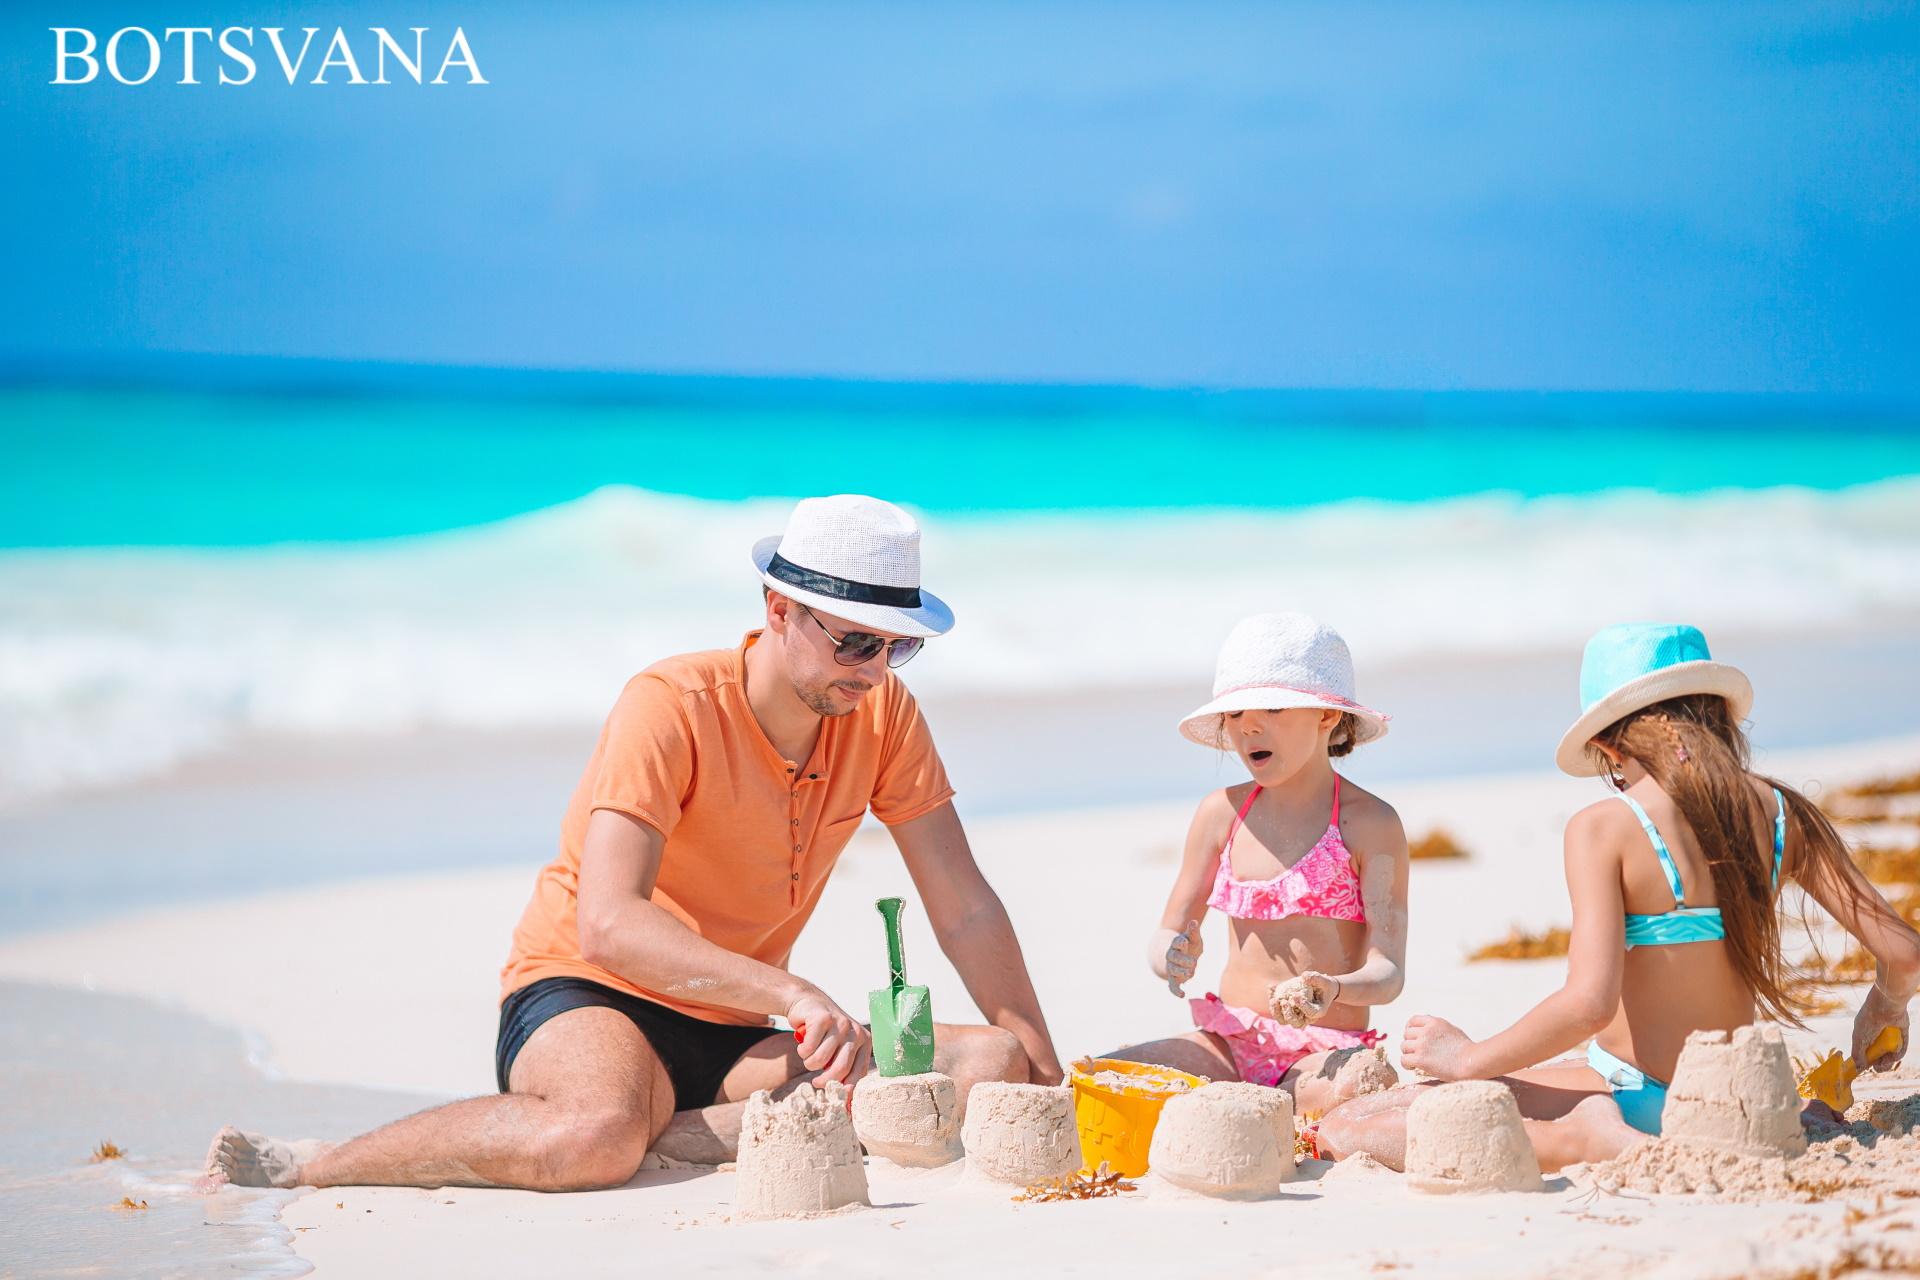 tatilde çocuğumla neler yapabilirim - Tatilde Çocuğumla Neler Yapabilirim?